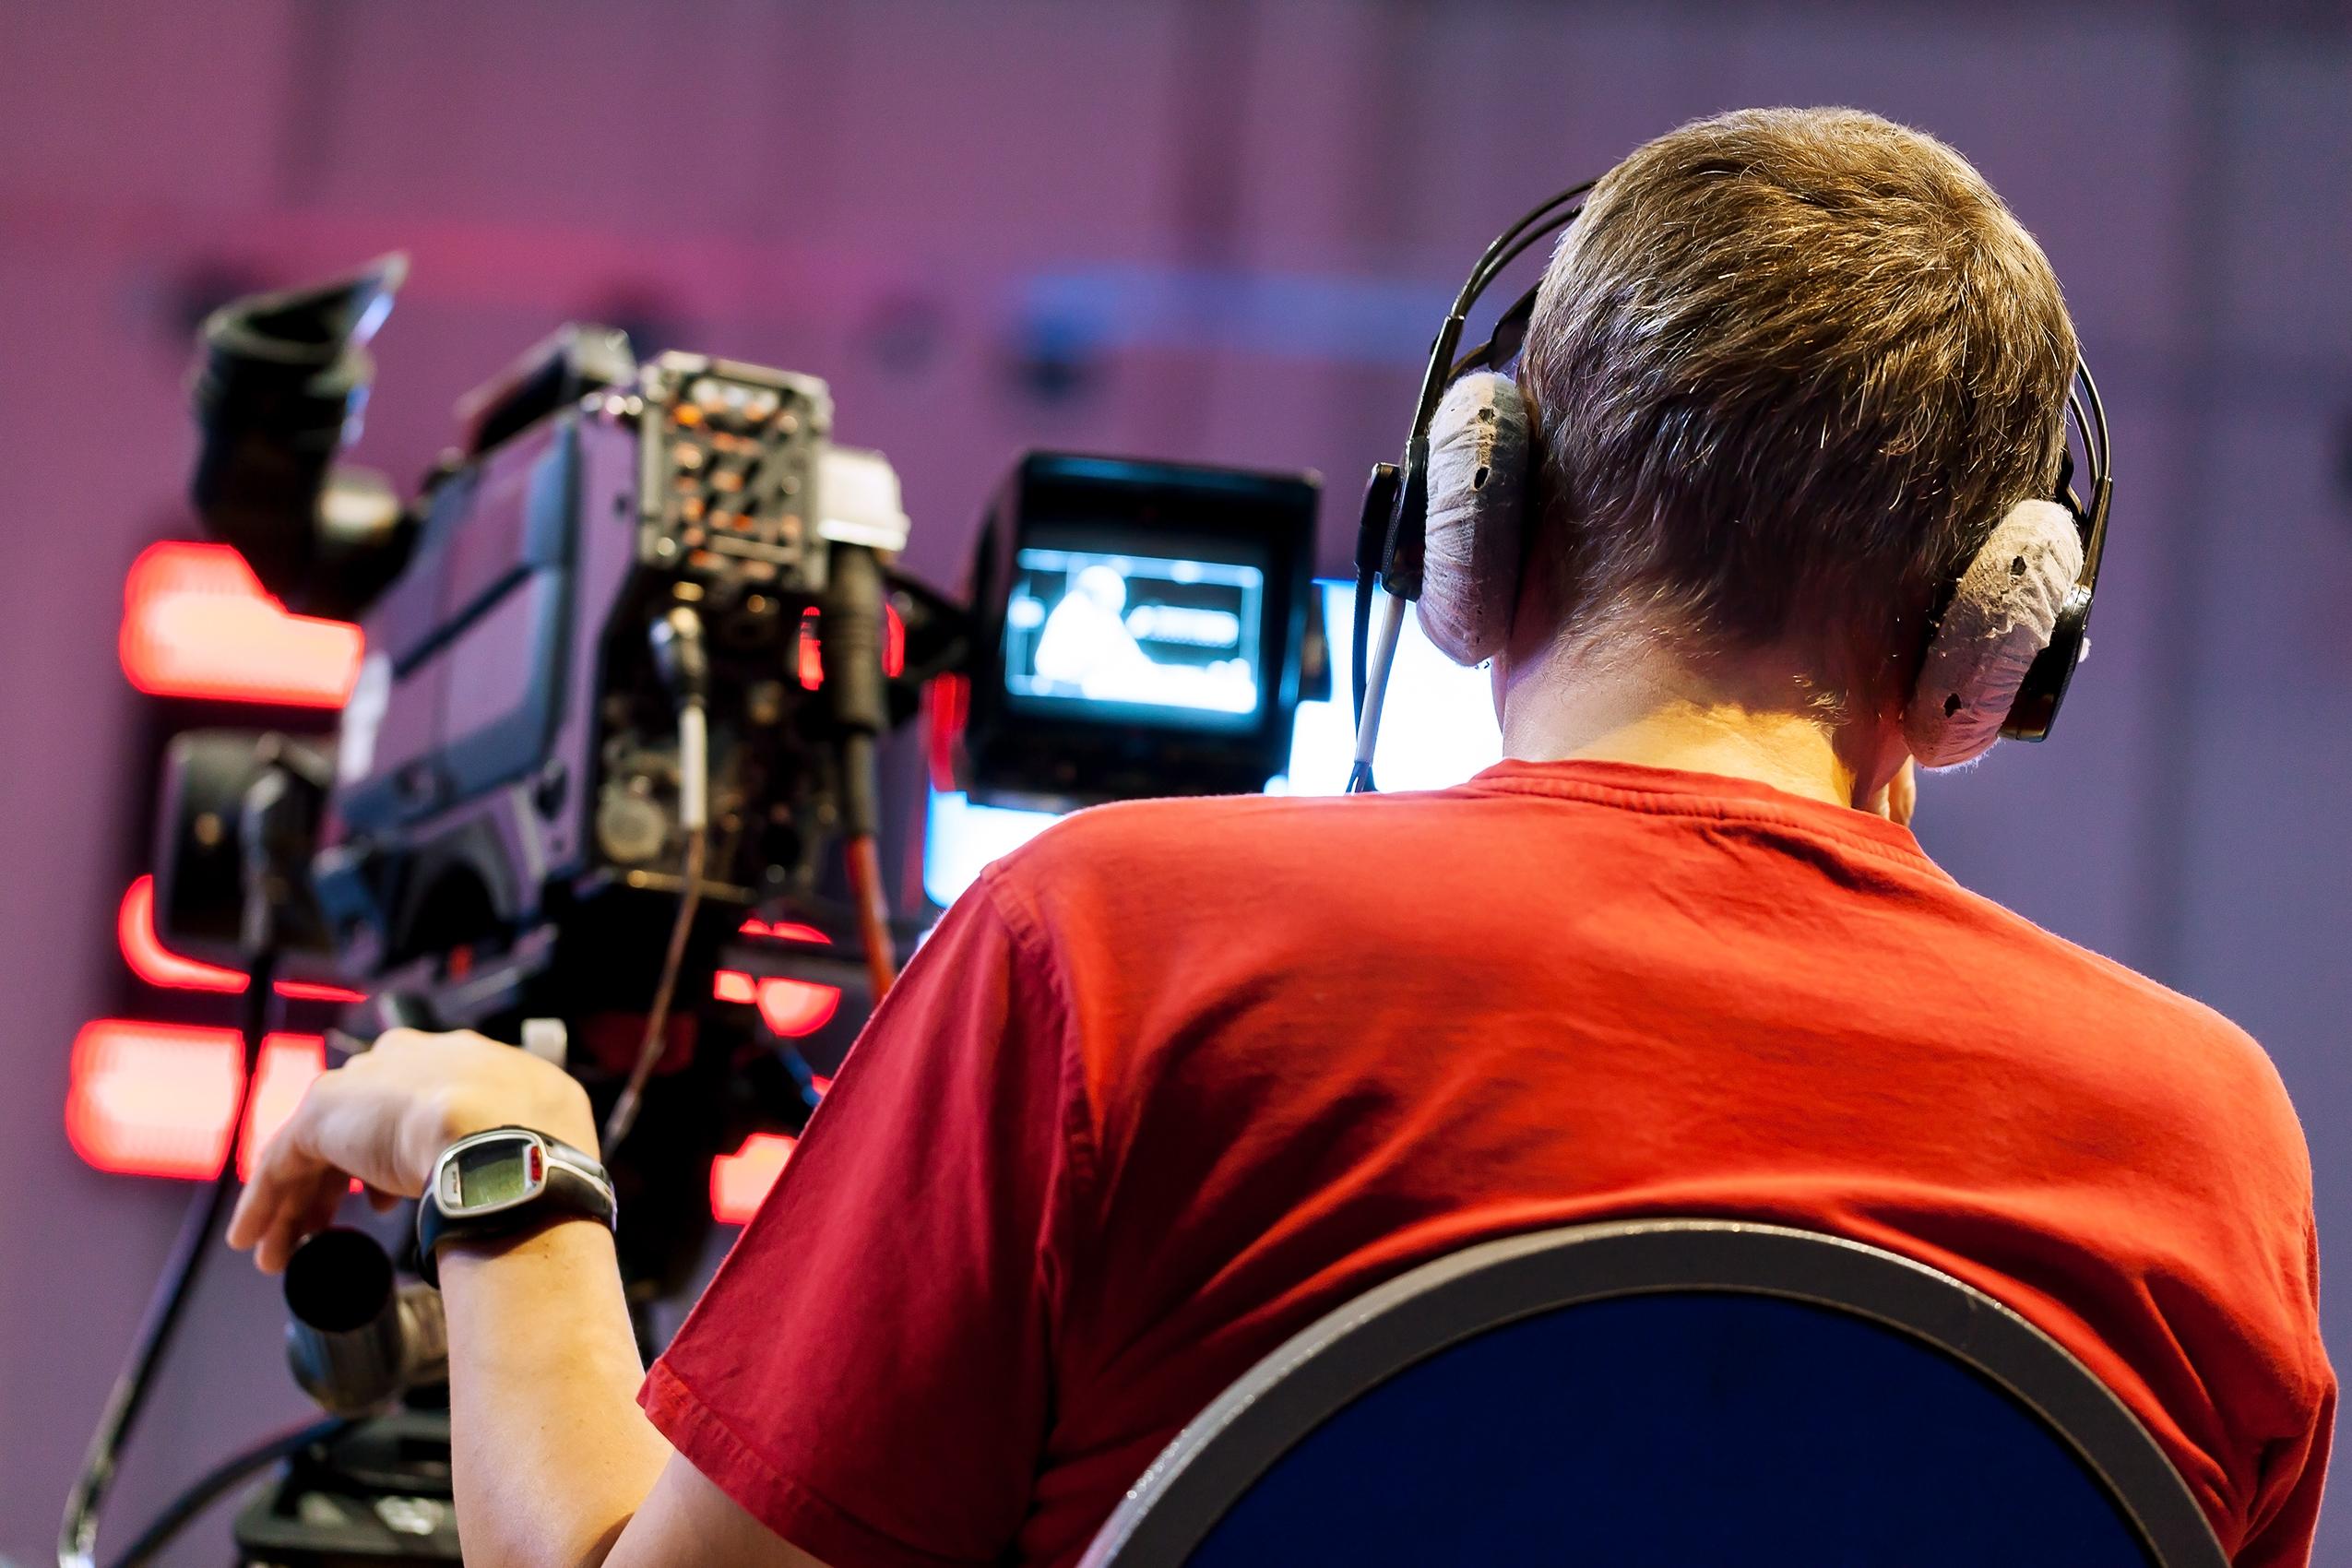 Pré-apprentissage aux métiers des médias